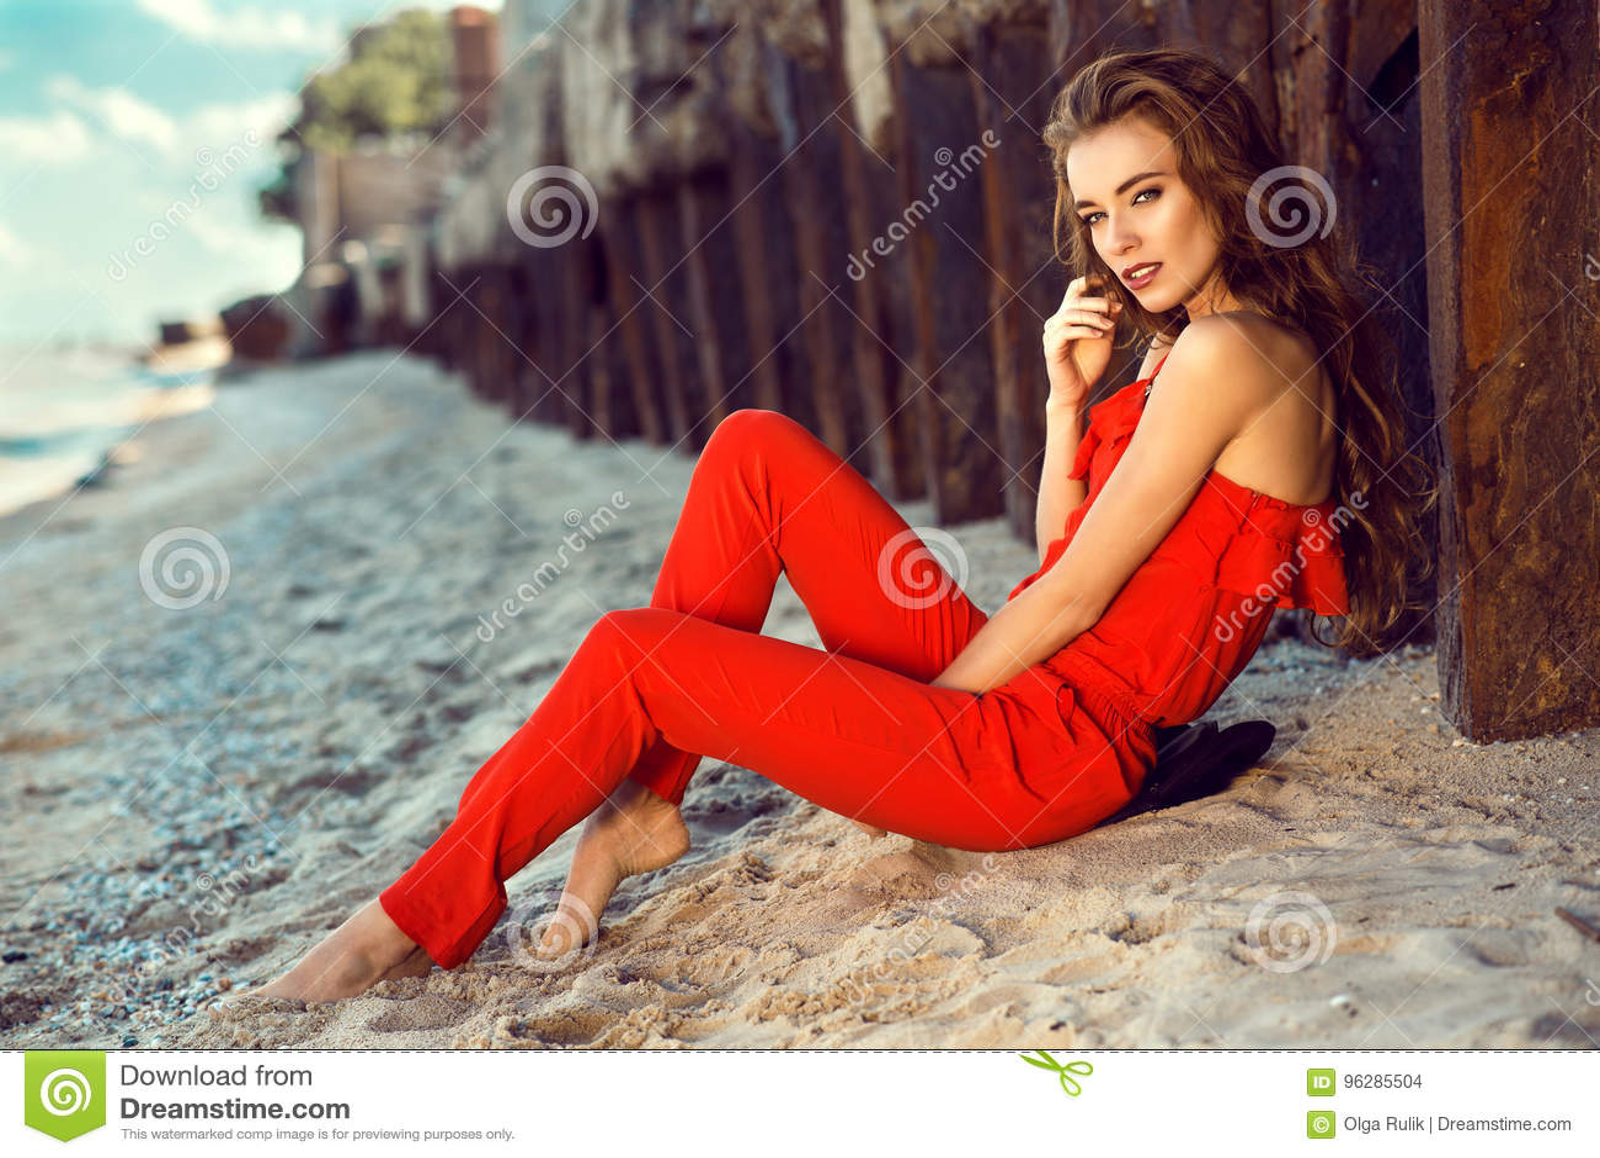 Charmerend elegante jonge vrouw in koraal rode schouder jumpsuit zitting op het strand bij de oude roestige stapels